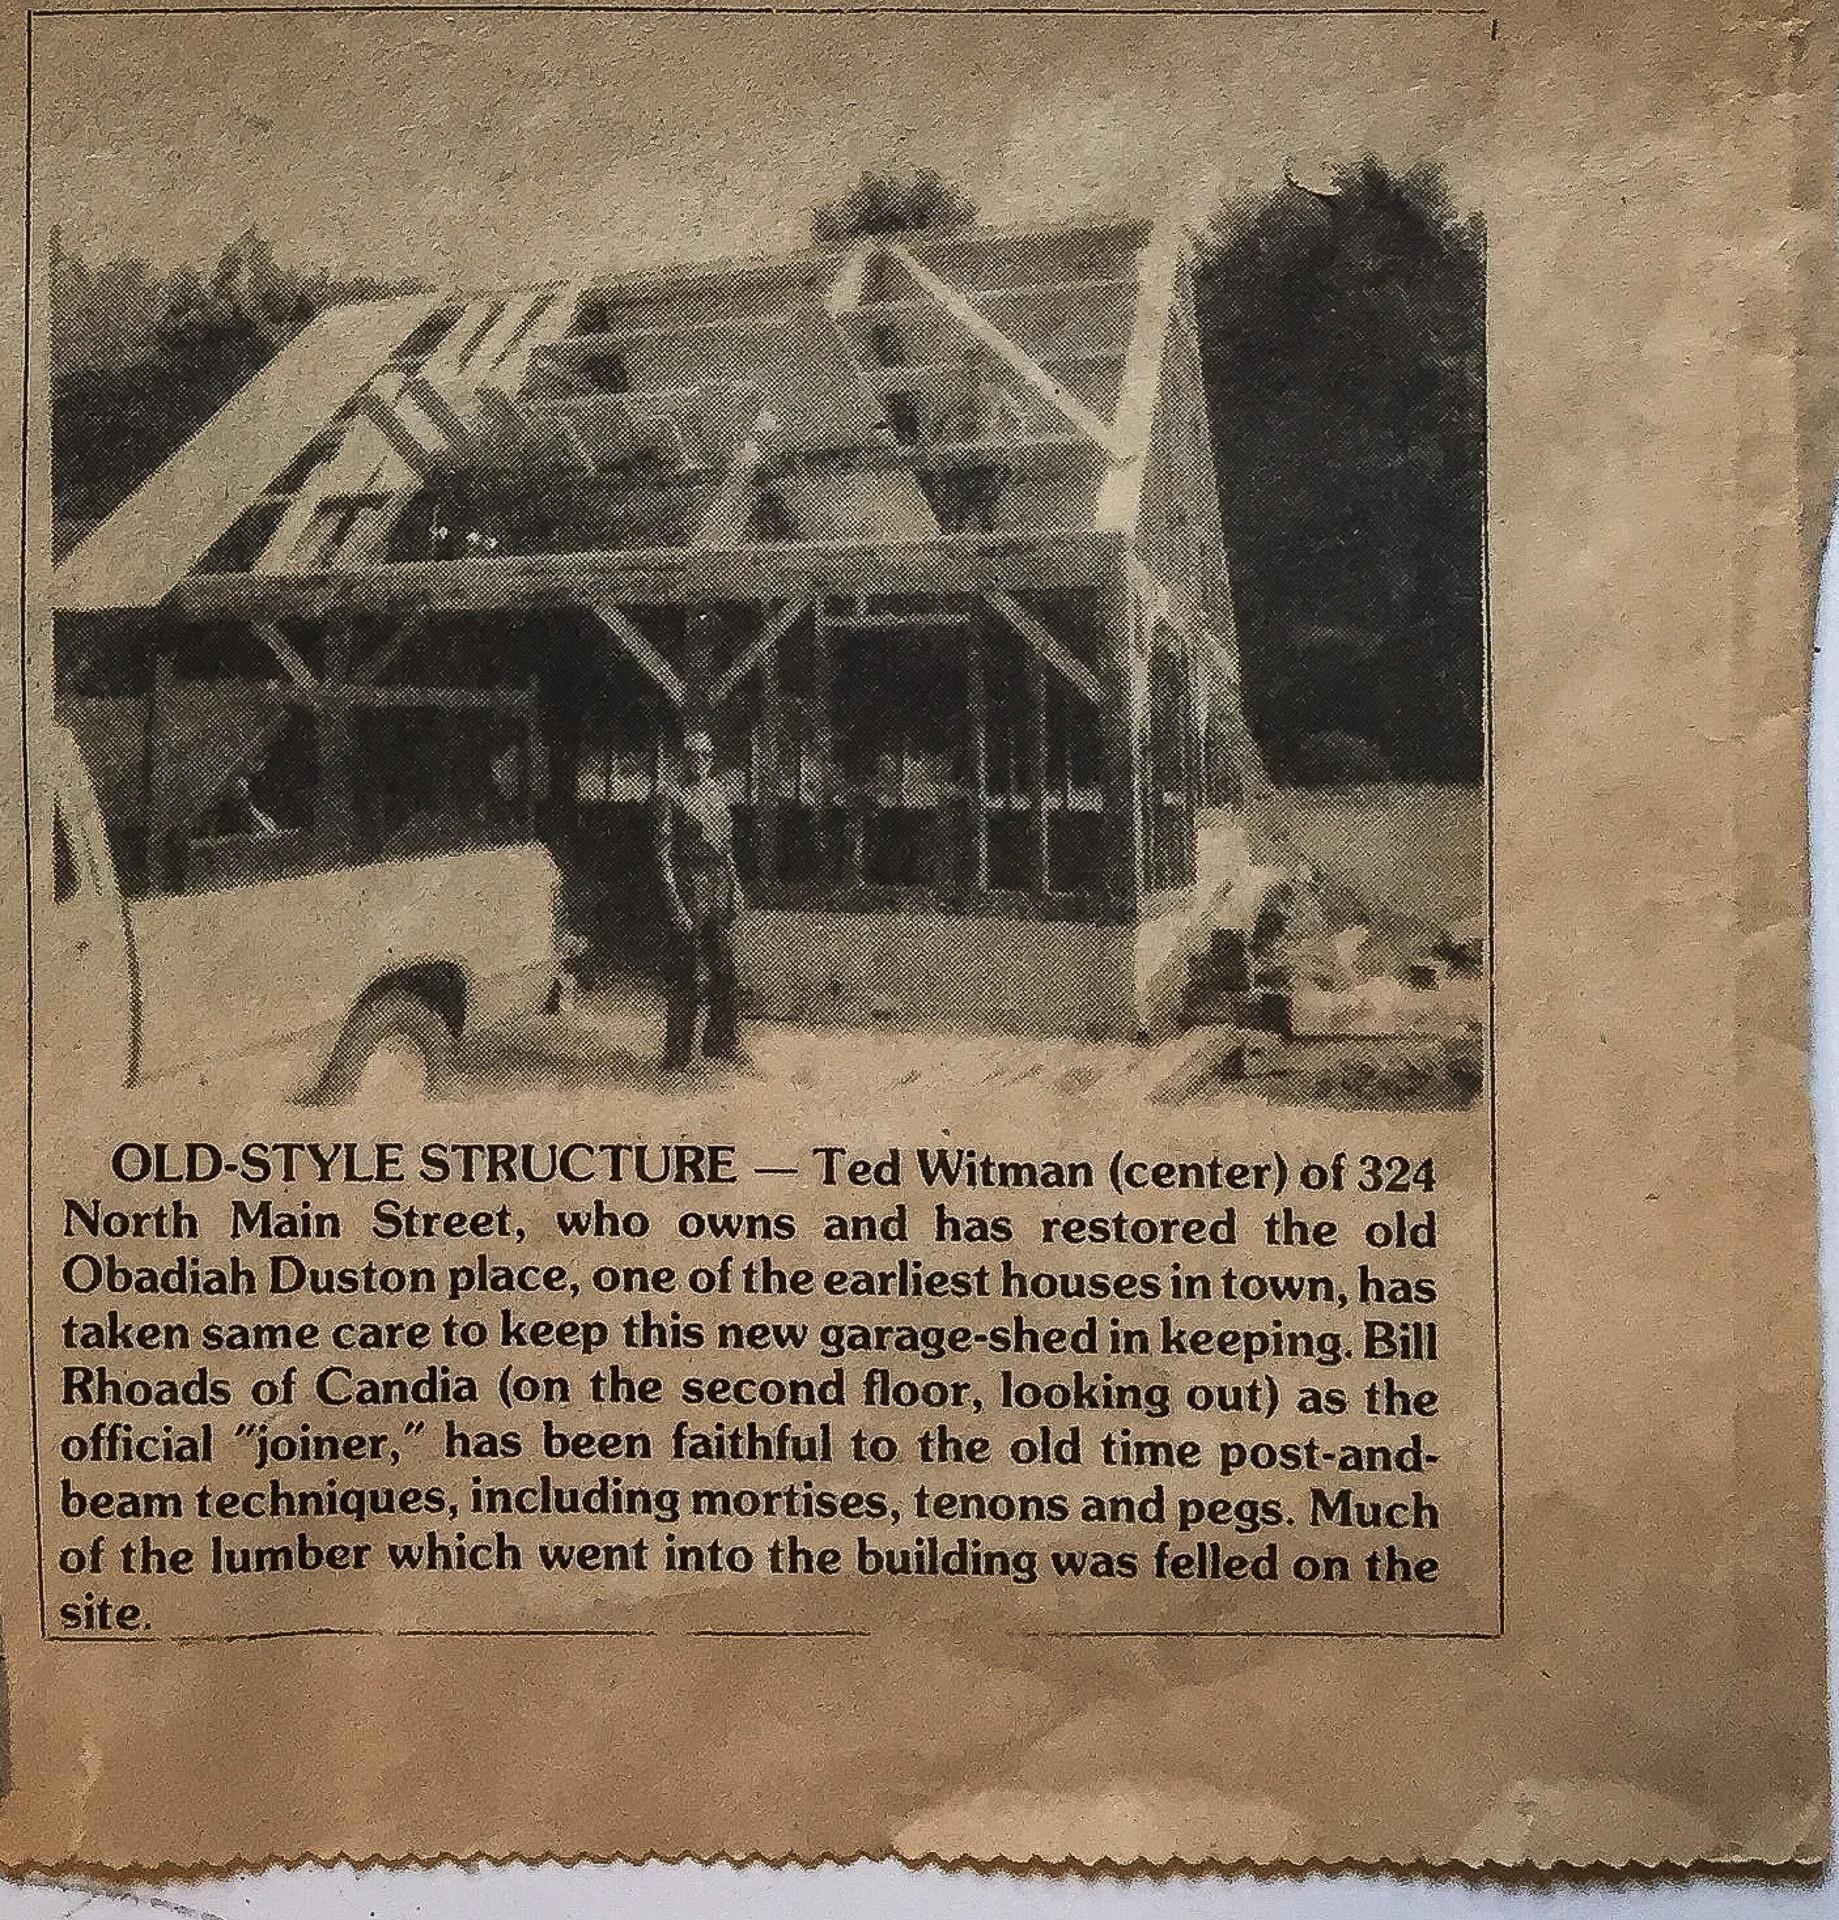 Barn - 324 N Main St - Salem Observer - June 26 1986